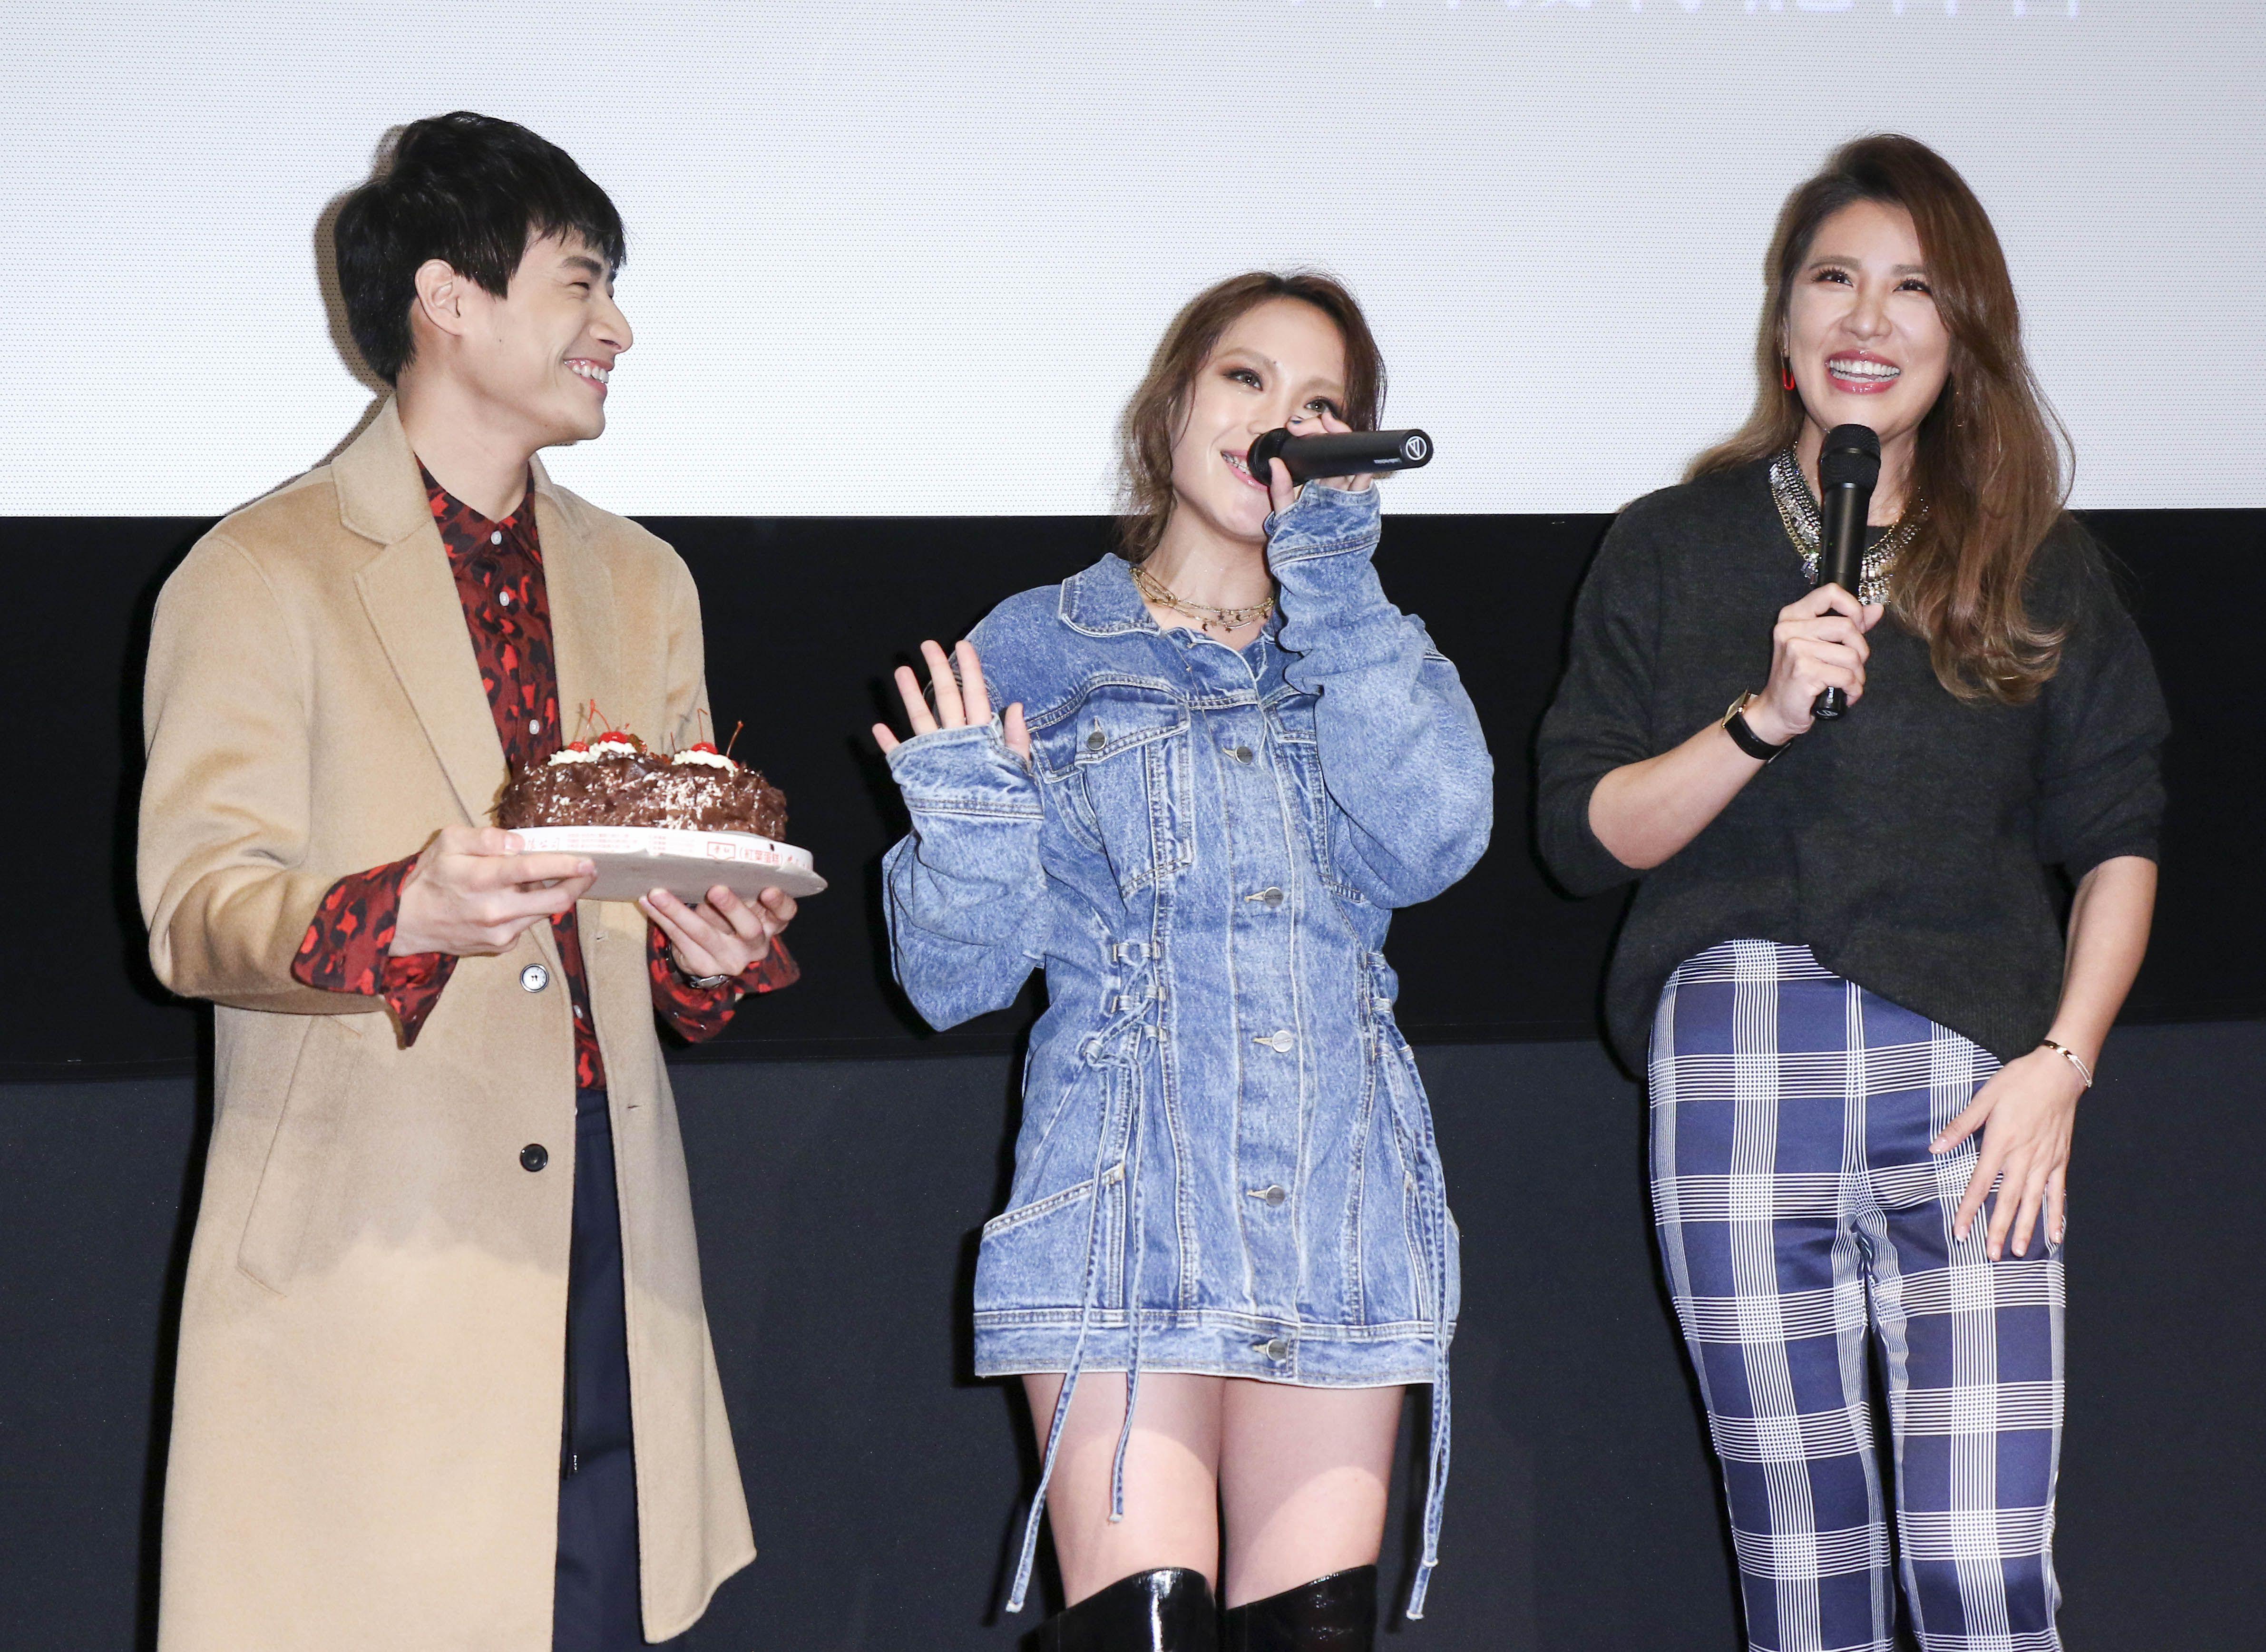 呂薔Amuyi新歌暨新專輯發行,呂薔提前祝福小禎生日快樂並送上蛋糕。(記者林士傑/攝影)